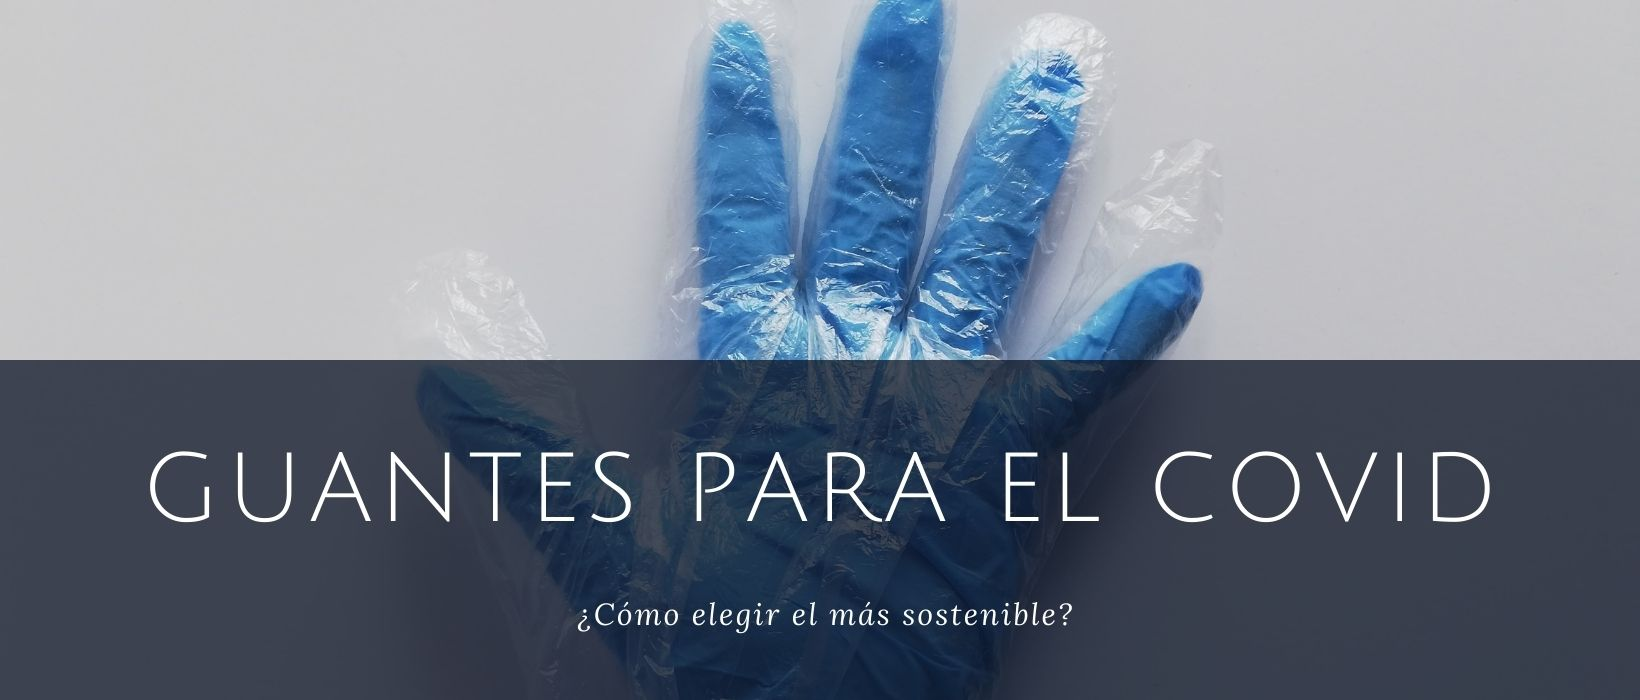 Como elegir guantes sostenibles para el coronavirus